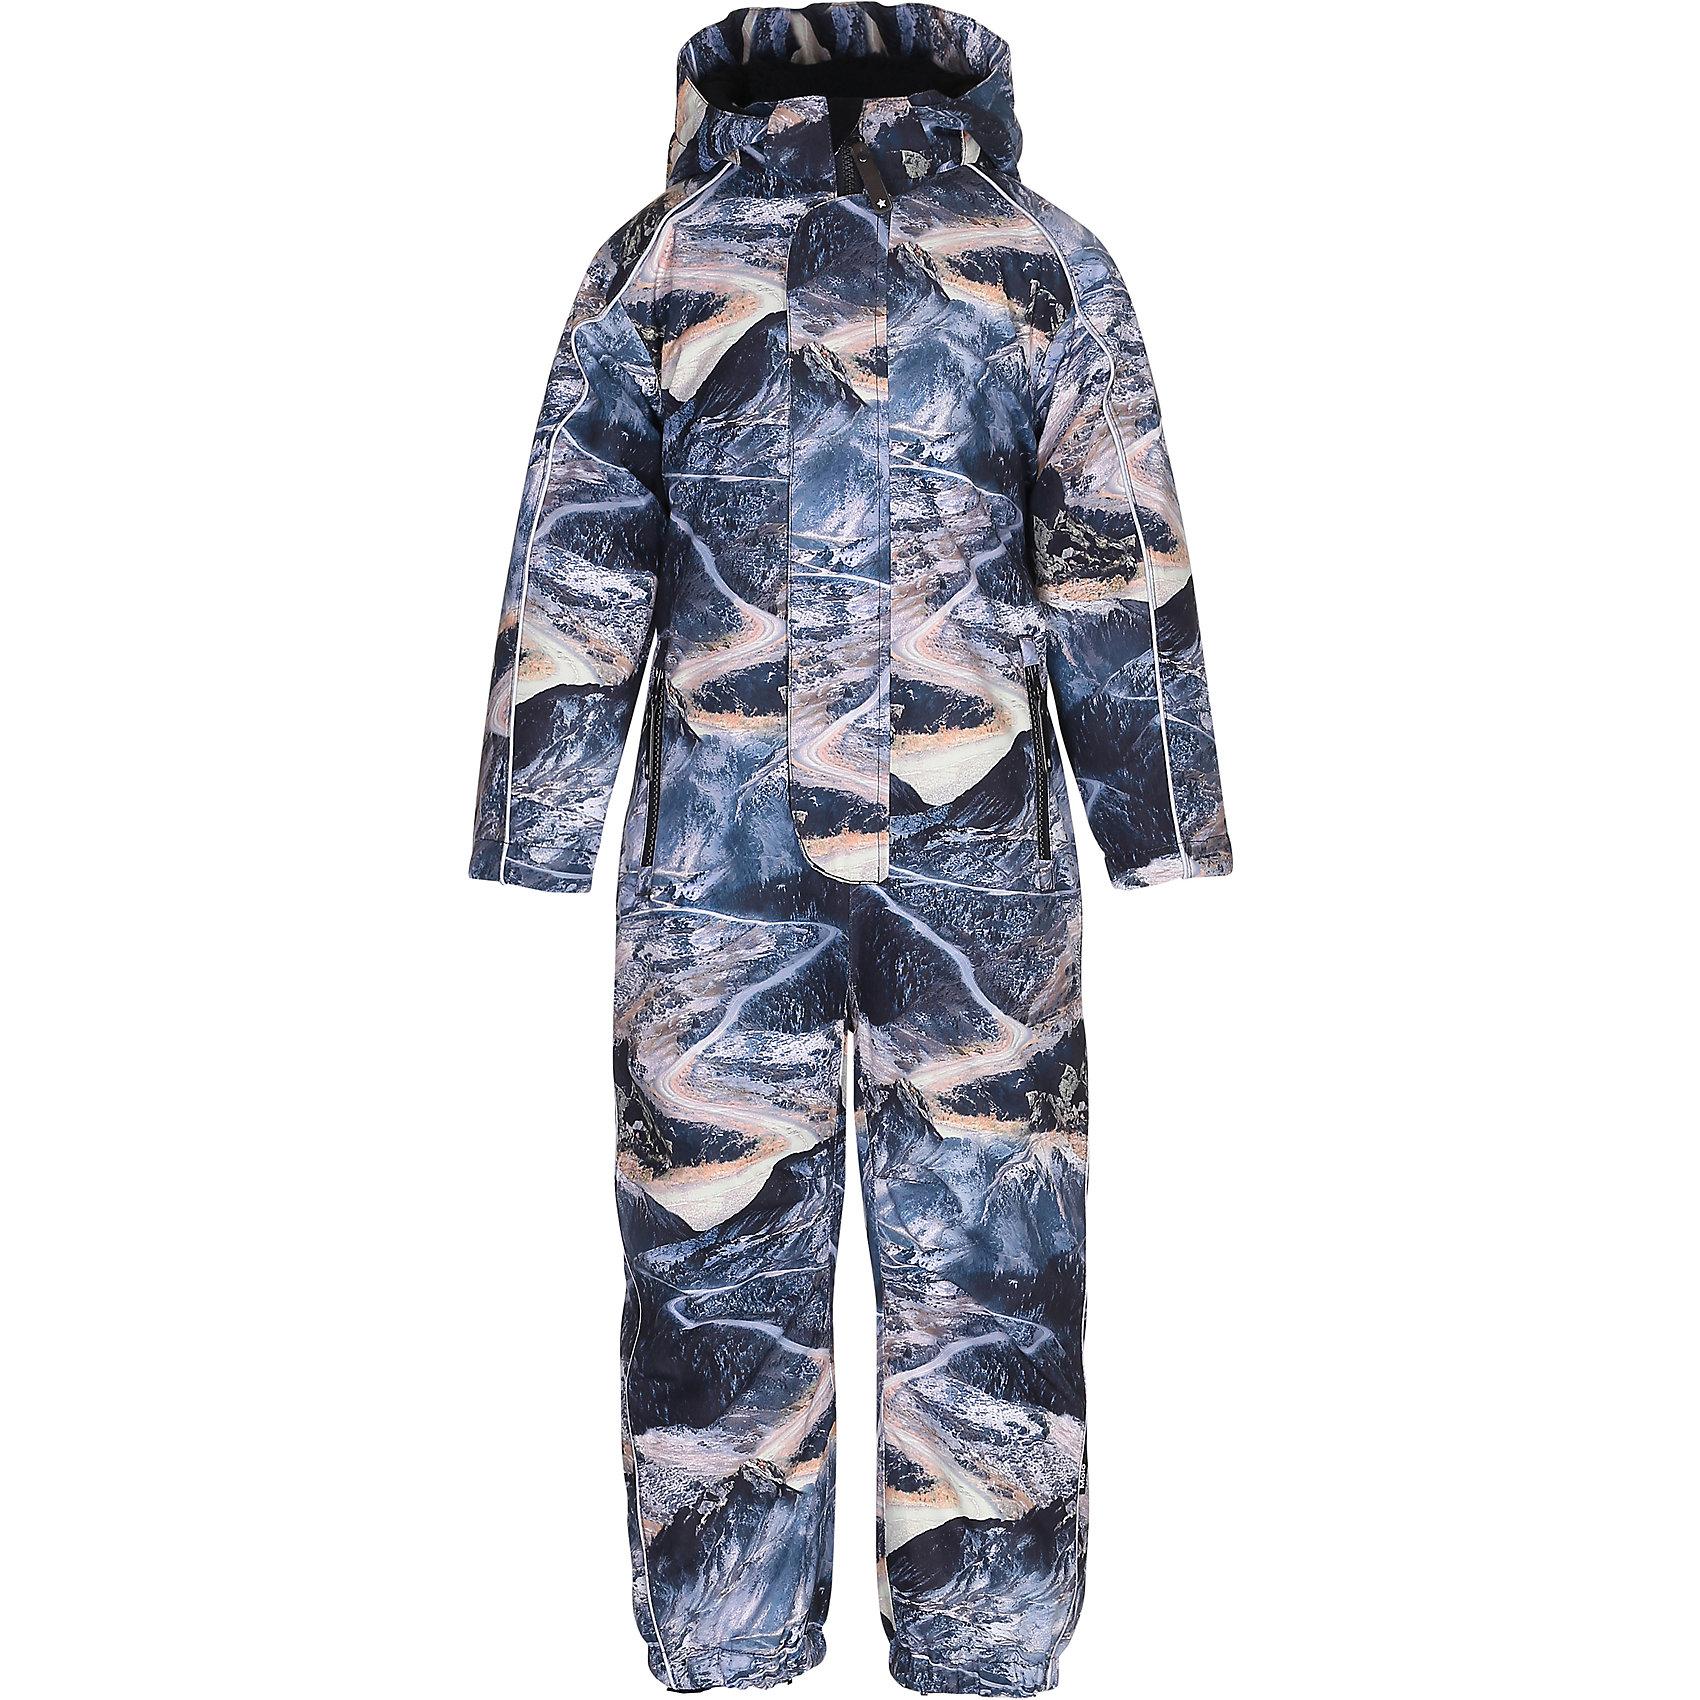 Комбинезон MOLO для мальчикаВерхняя одежда<br>Зимний комбинезон Molo <br>• состав: 100% нейлон, 100% полиэстер<br>• температурный режим: 0° до -25° градусов<br>• утеплитель:  ThinsulateTM  прекрасно сохраняющий тепло,  позволяет телу дышать и остается при этом сухим и легким<br>• водонепроницаемость: 10 000 мм<br>• отвод влаги: 8 000 г/м2/24ч<br>• основные швы проклеены<br>• съёмный капюшон<br>• удобные молнии<br>• «дышащий» материал<br>• ветро- водо- и грязеотталкивающий материал<br>• ветрозащитная планка<br>• комфортная посадка<br>• прочные съёмные силиконовые штрипки<br>• страна производства: Китай<br>• страна бренда: Дания <br> Фантастический и причудливый датский бренд Molo это самый актуальный и стильный дизайн в детской одежде для маленьких модников.<br><br>Ширина мм: 215<br>Глубина мм: 88<br>Высота мм: 191<br>Вес г: 336<br>Цвет: белый<br>Возраст от месяцев: 60<br>Возраст до месяцев: 72<br>Пол: Мужской<br>Возраст: Детский<br>Размер: 116,128,104,110<br>SKU: 6995075